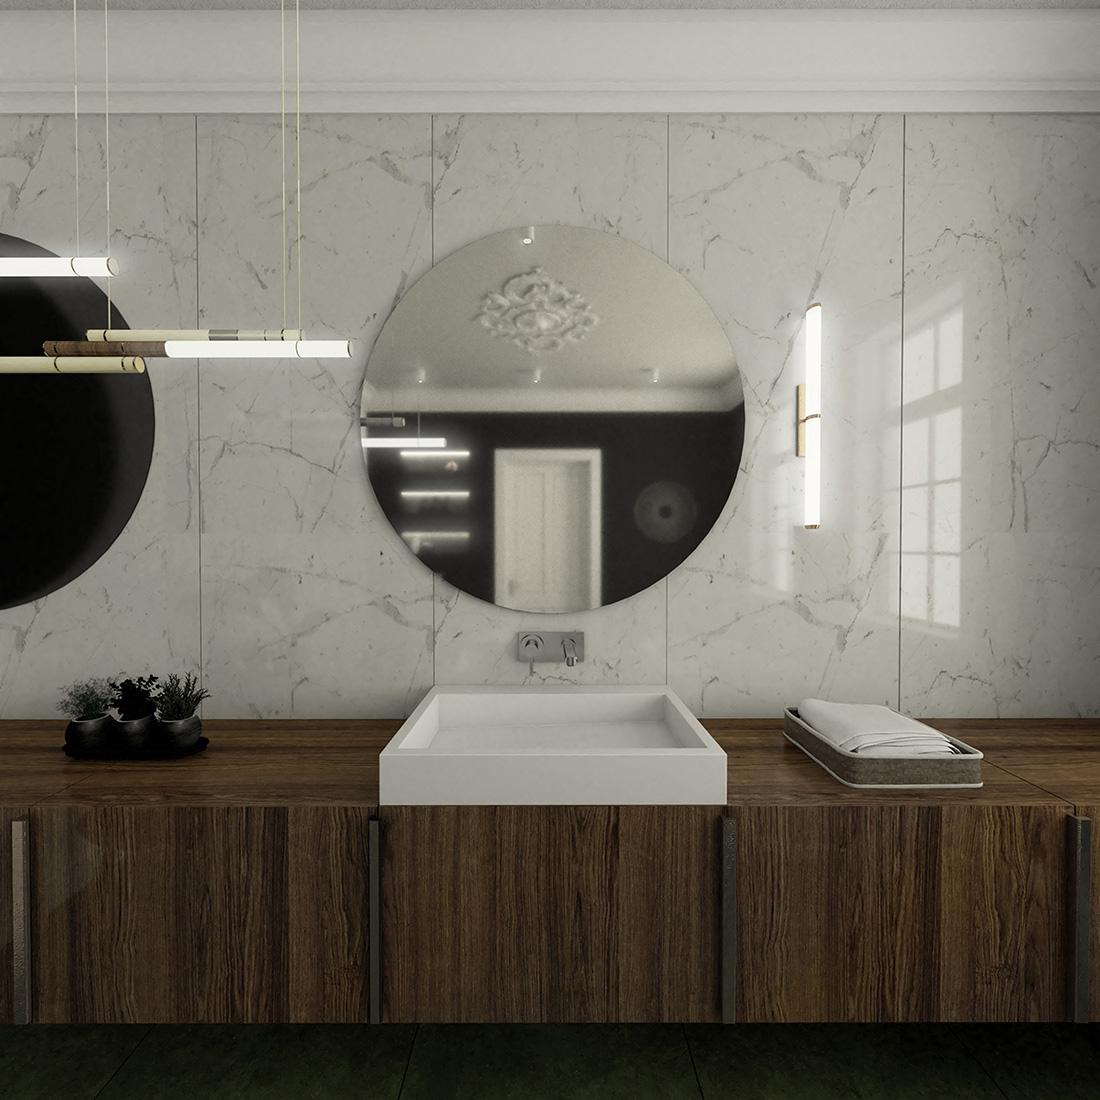 łazienka w kamienicy - klasyczna i nowoczesna